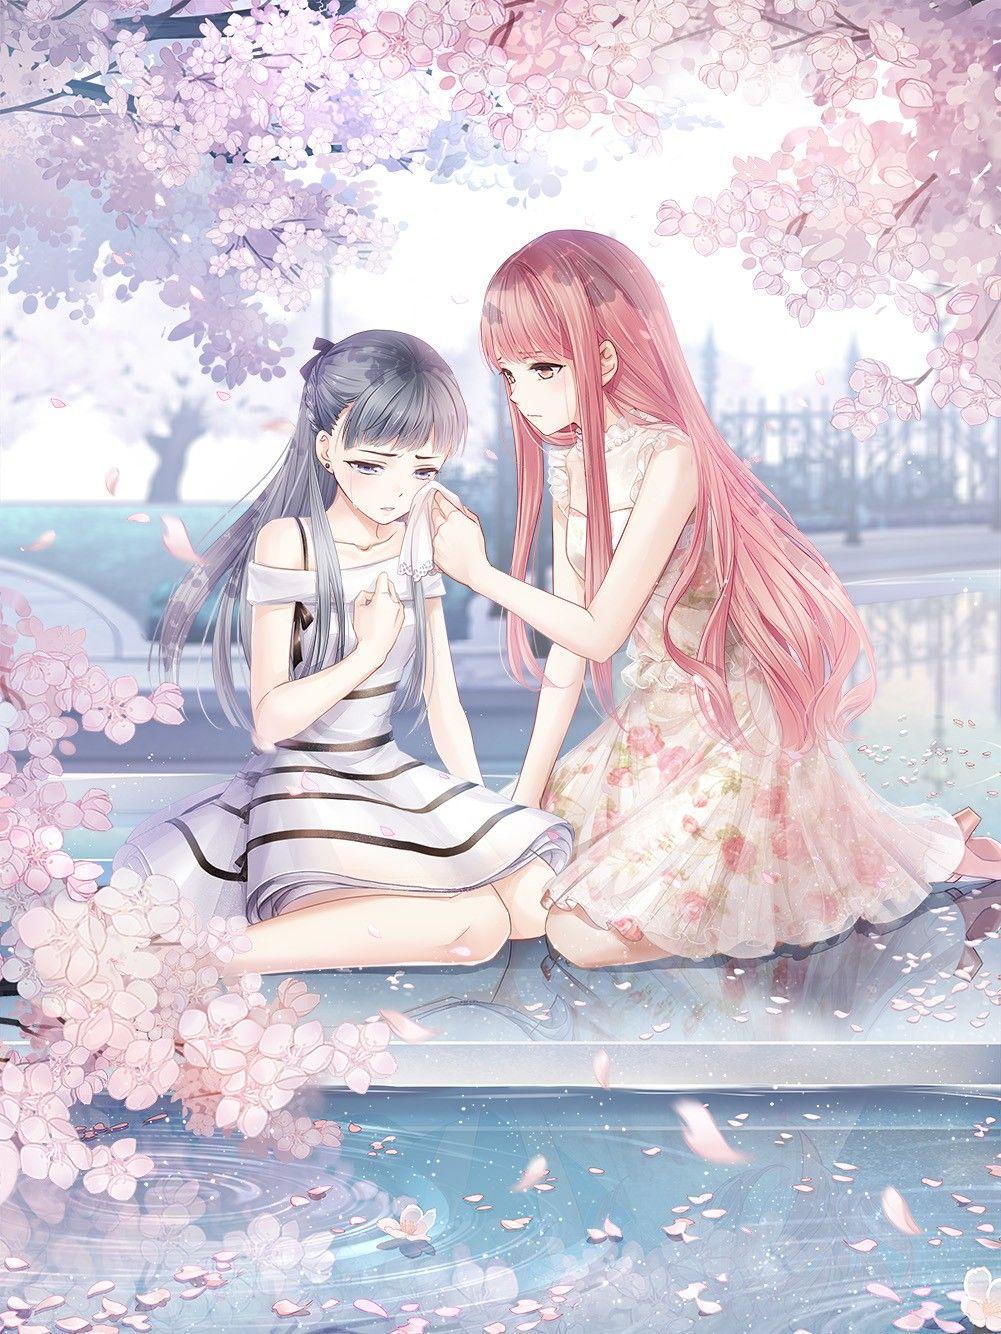 Pin Ot Polzovatelya Anime Lover Na Doske My Miracle Nikki Anime Devushka Krasivaya Anime Devushka Risunki Devushki